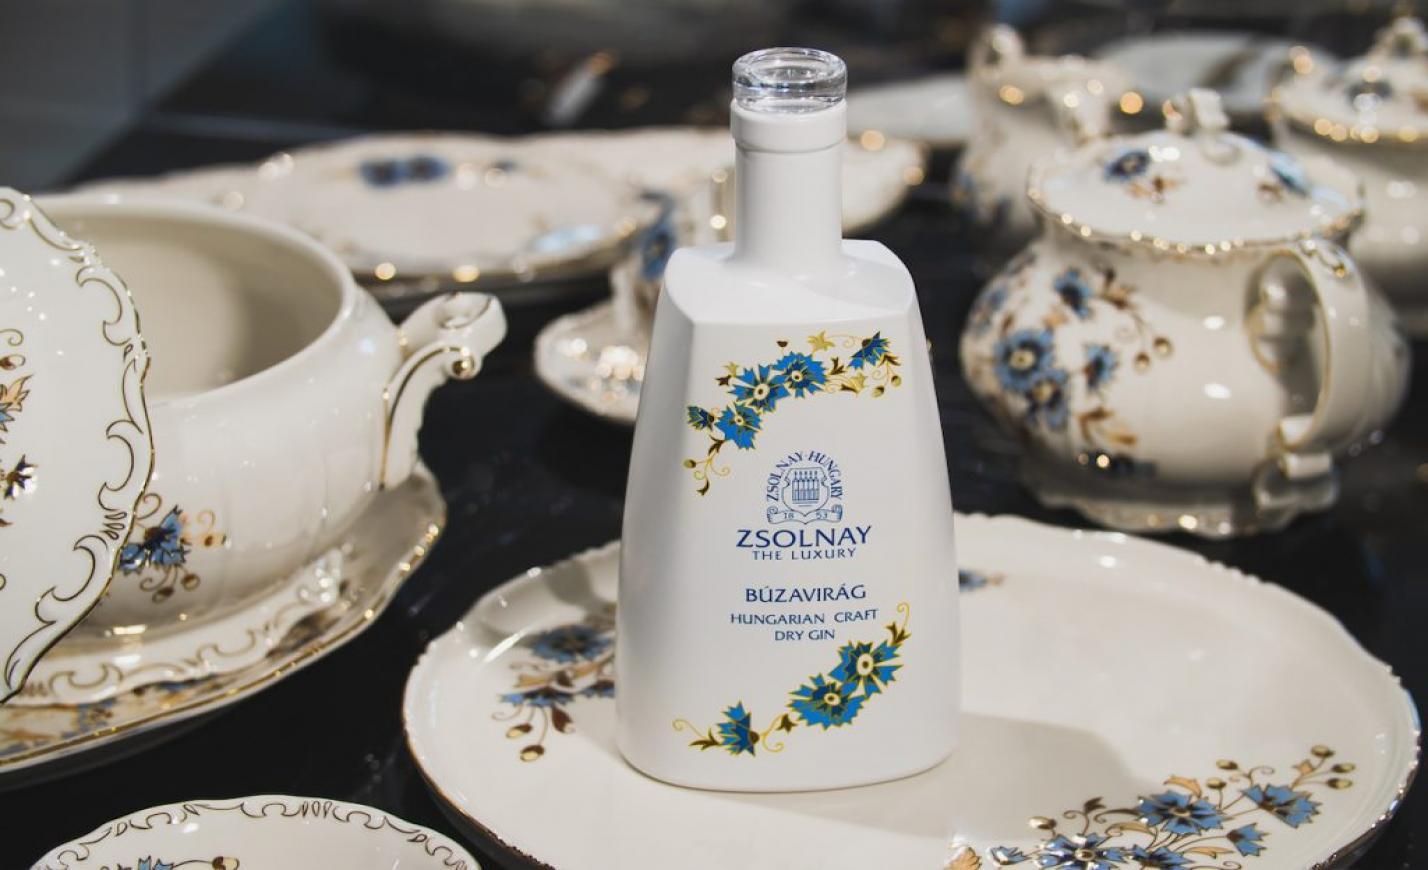 Egy magyar gin közreműködésével fiatalodik a Zsolnay Porcelánmanufaktúra márka